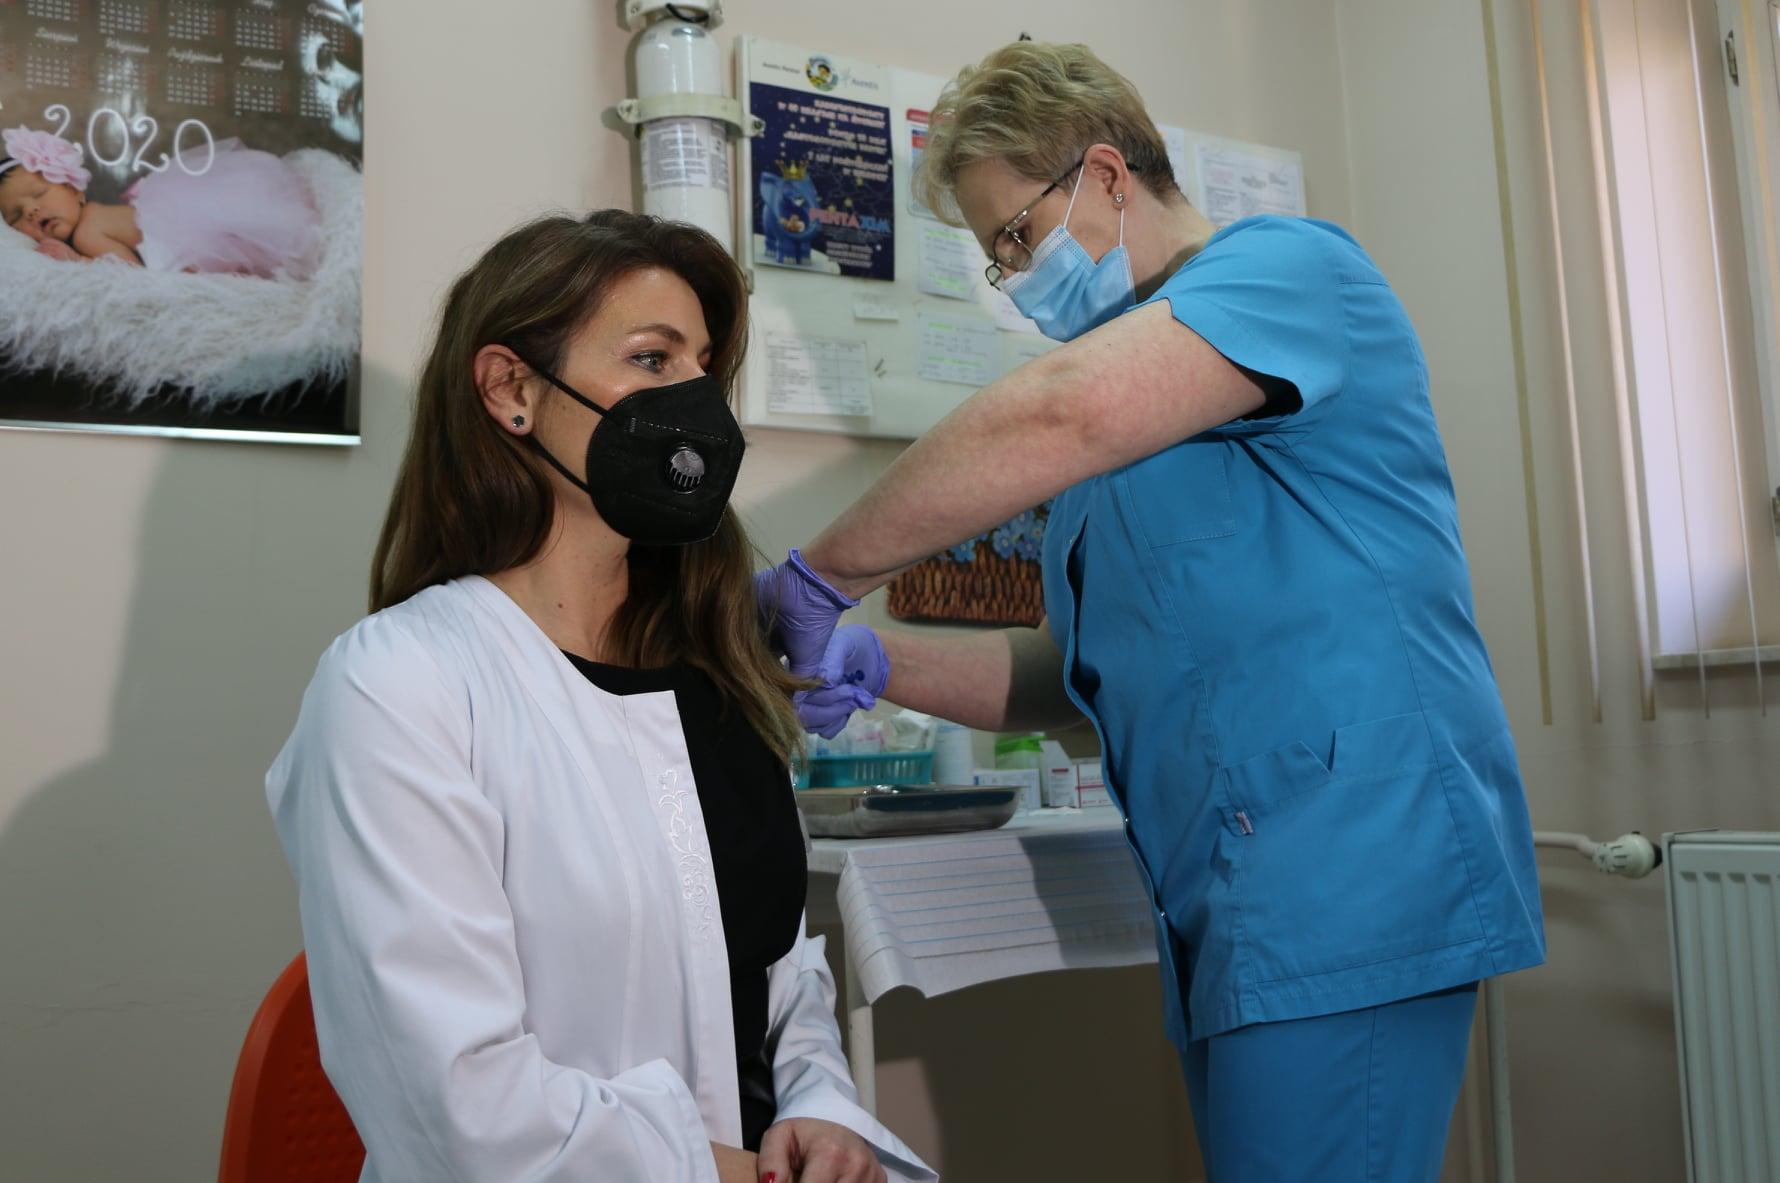 Ekspresowe tempo szczepień w Rzeszowie! Czy ma to związek z wyborami samorządowymi? - Zdjęcie główne